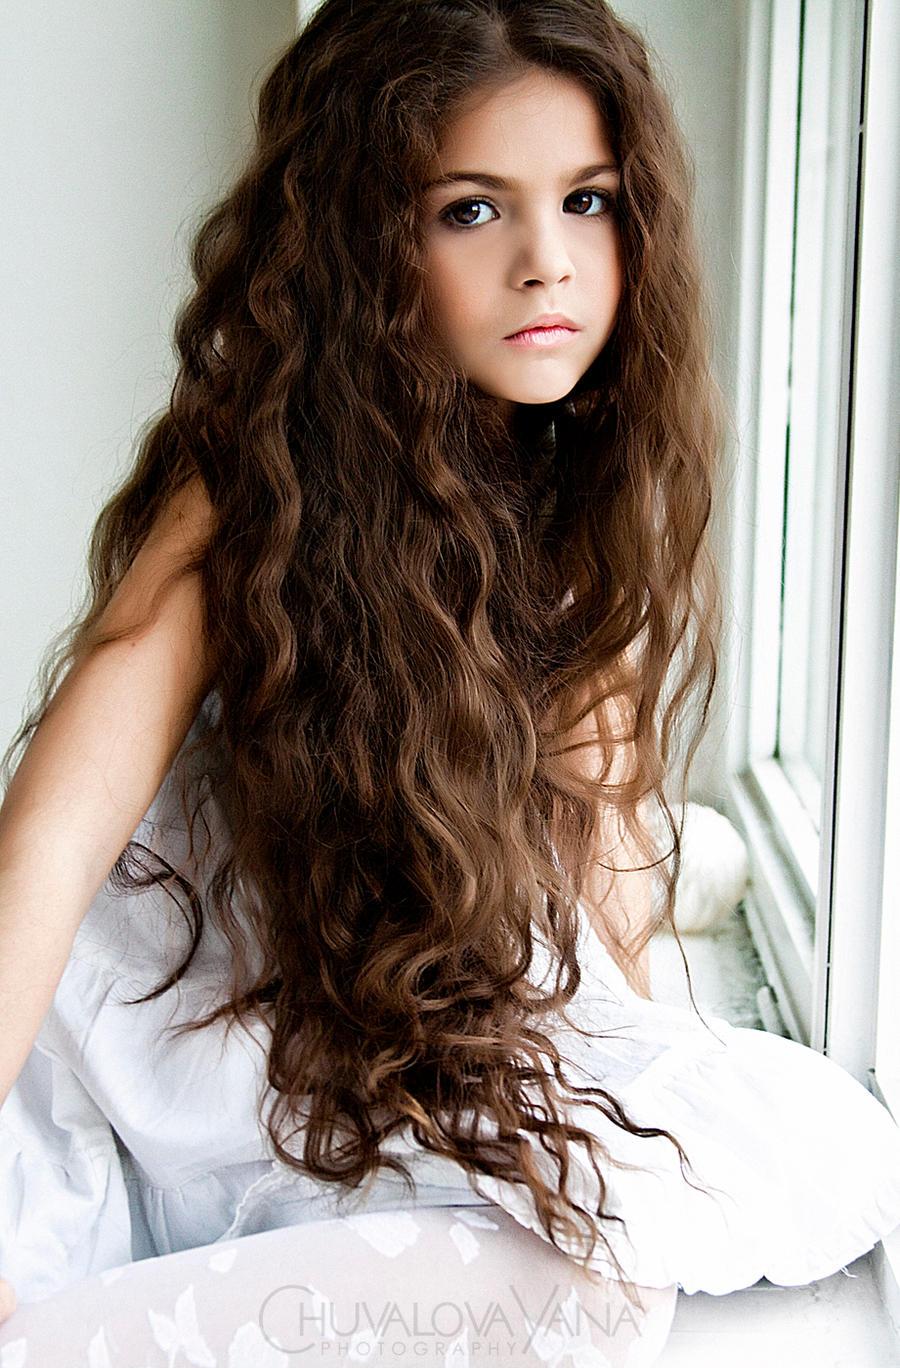 У тебя такие красивые волосики